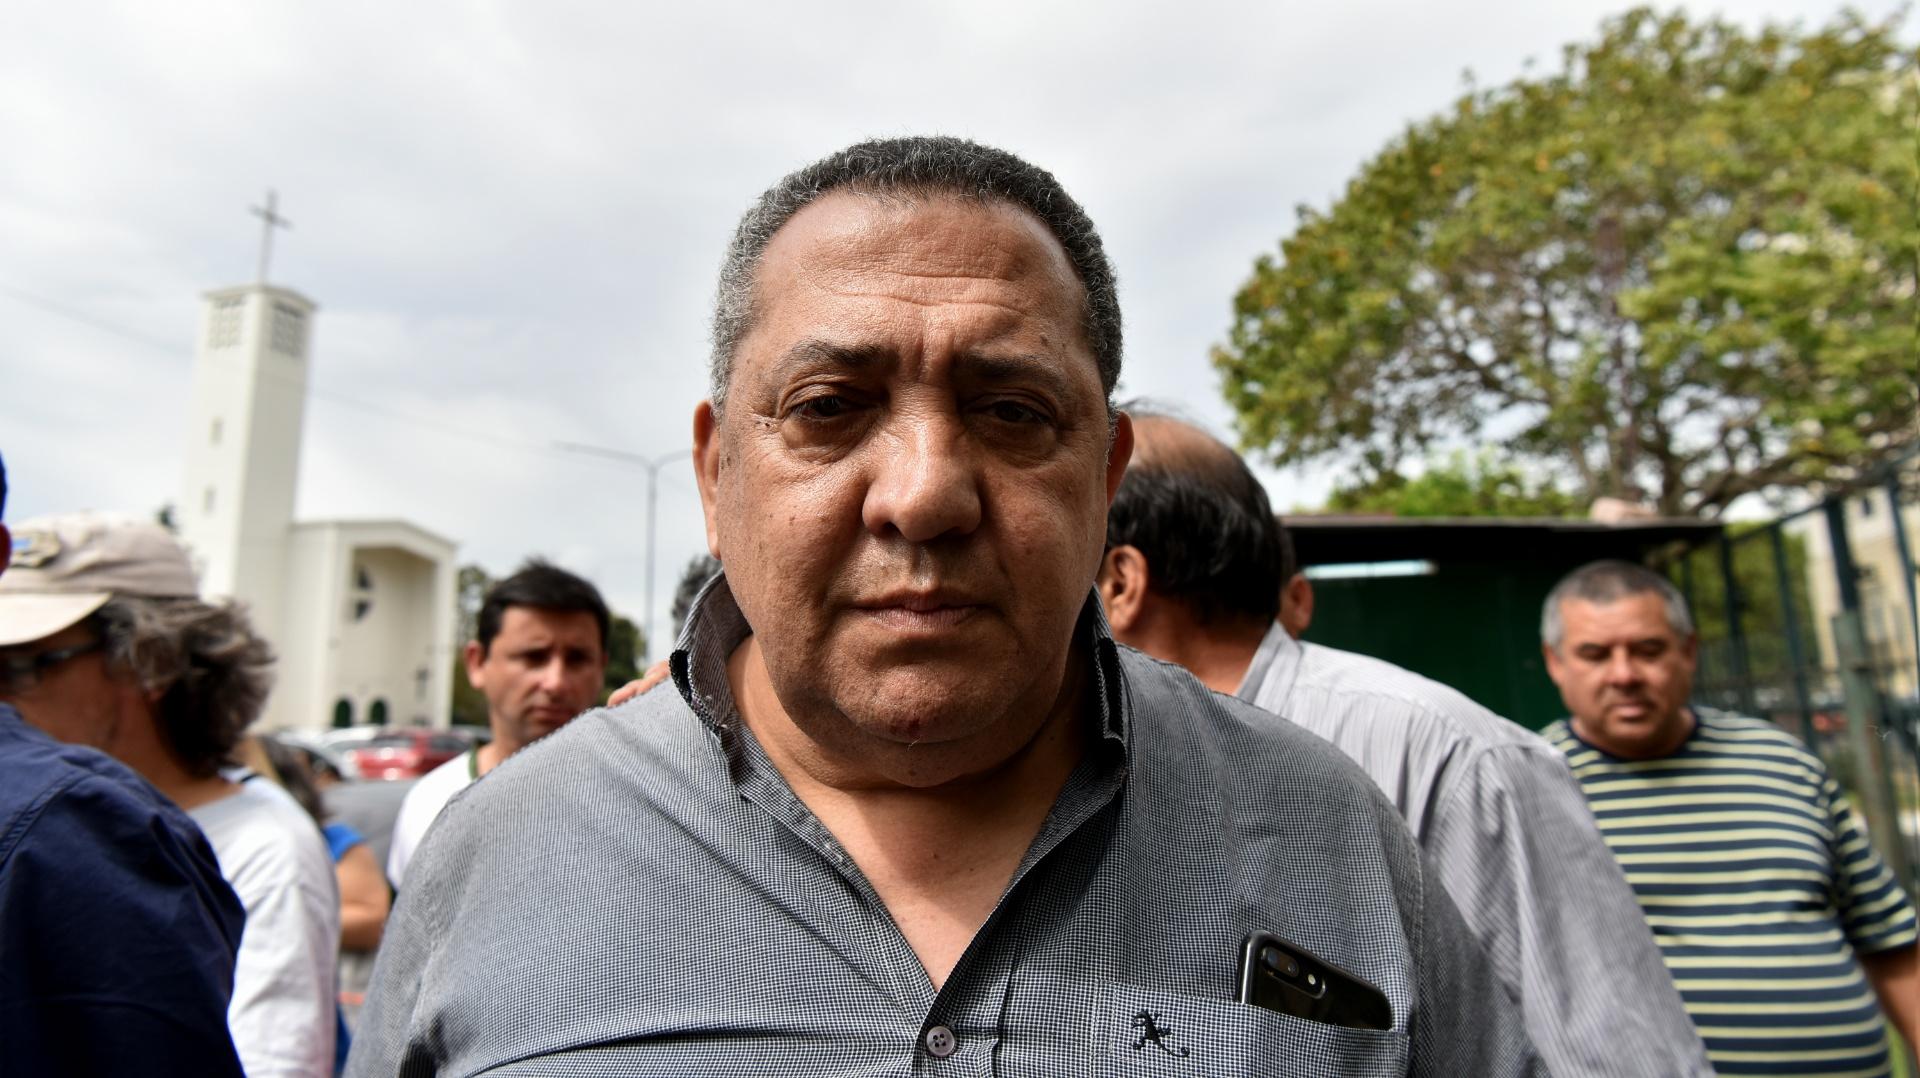 El líder piquetero Luis D'Elía pidió el indulto presidencial - Infobae